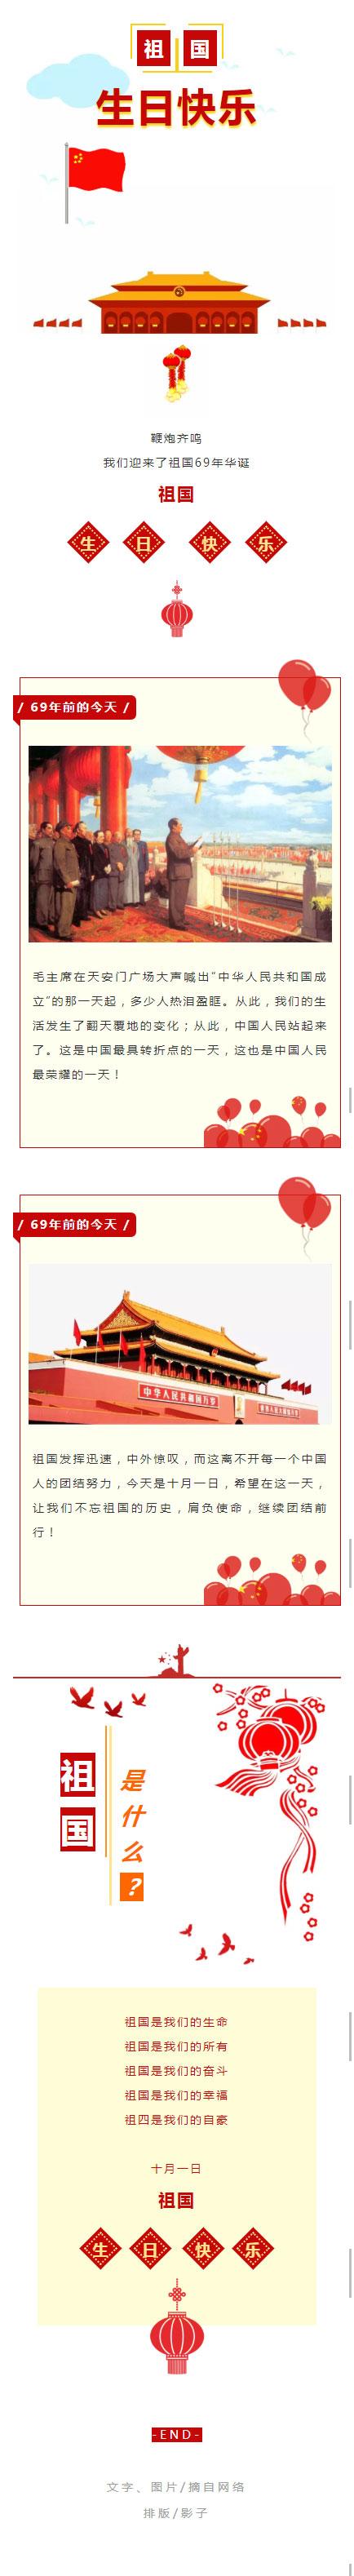 祖国69年华诞中华人民共和国成立天安门广场国庆